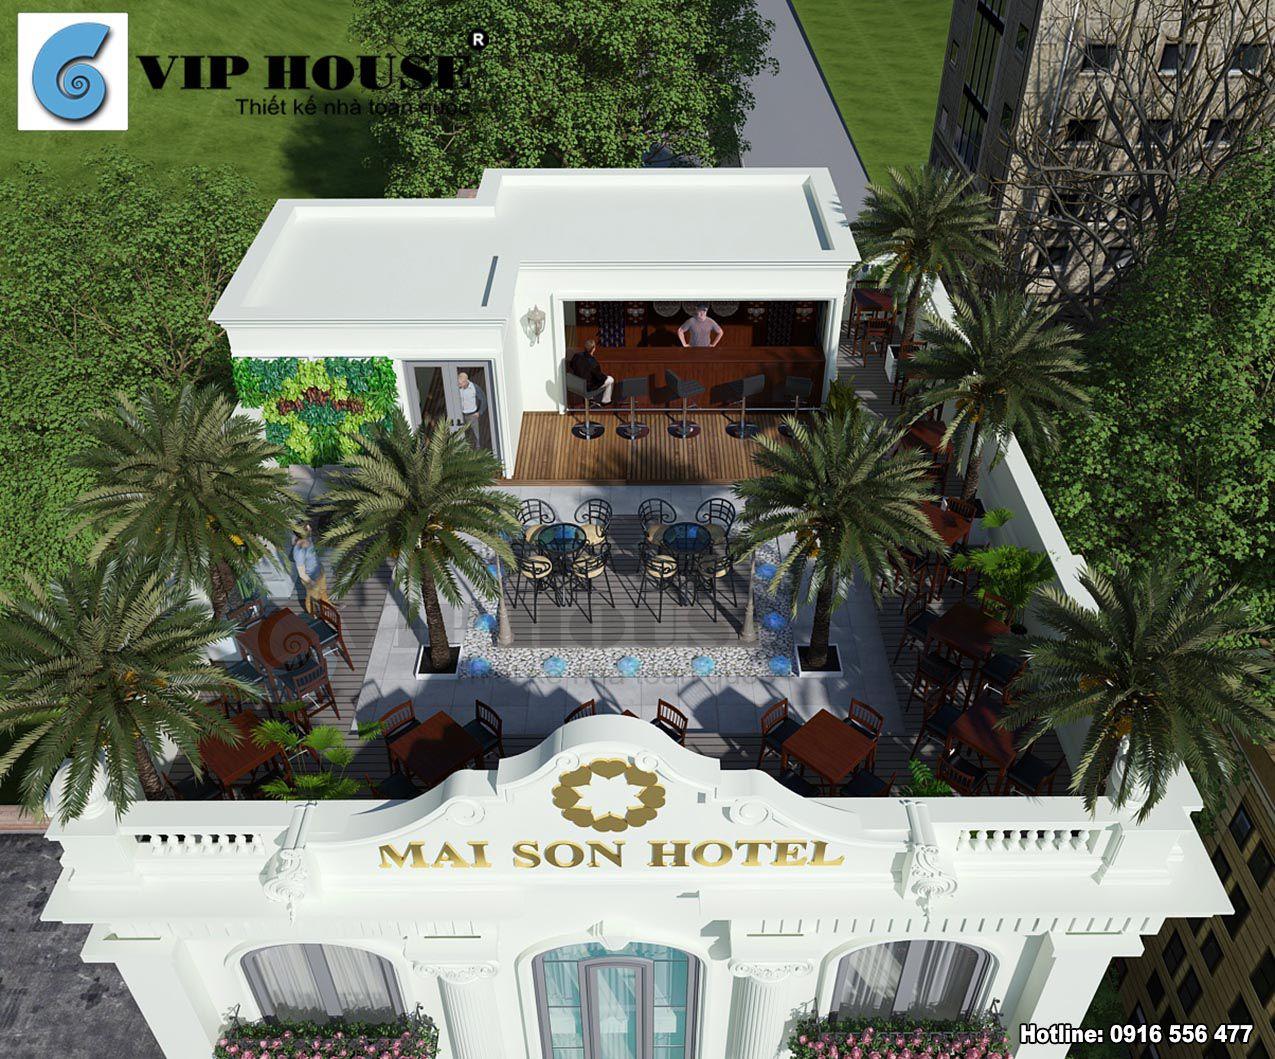 Thiết kế khách sạn tân cổ điển 2 mặt tiền tại Quy Nhơn